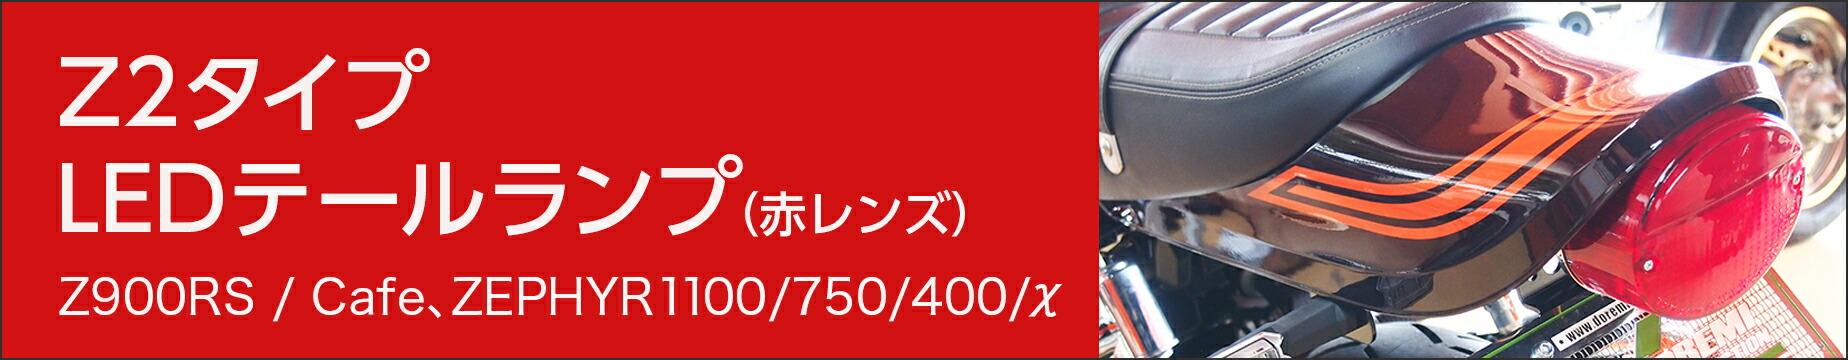 Z2タイプ LEDテールレンズユニット(赤)